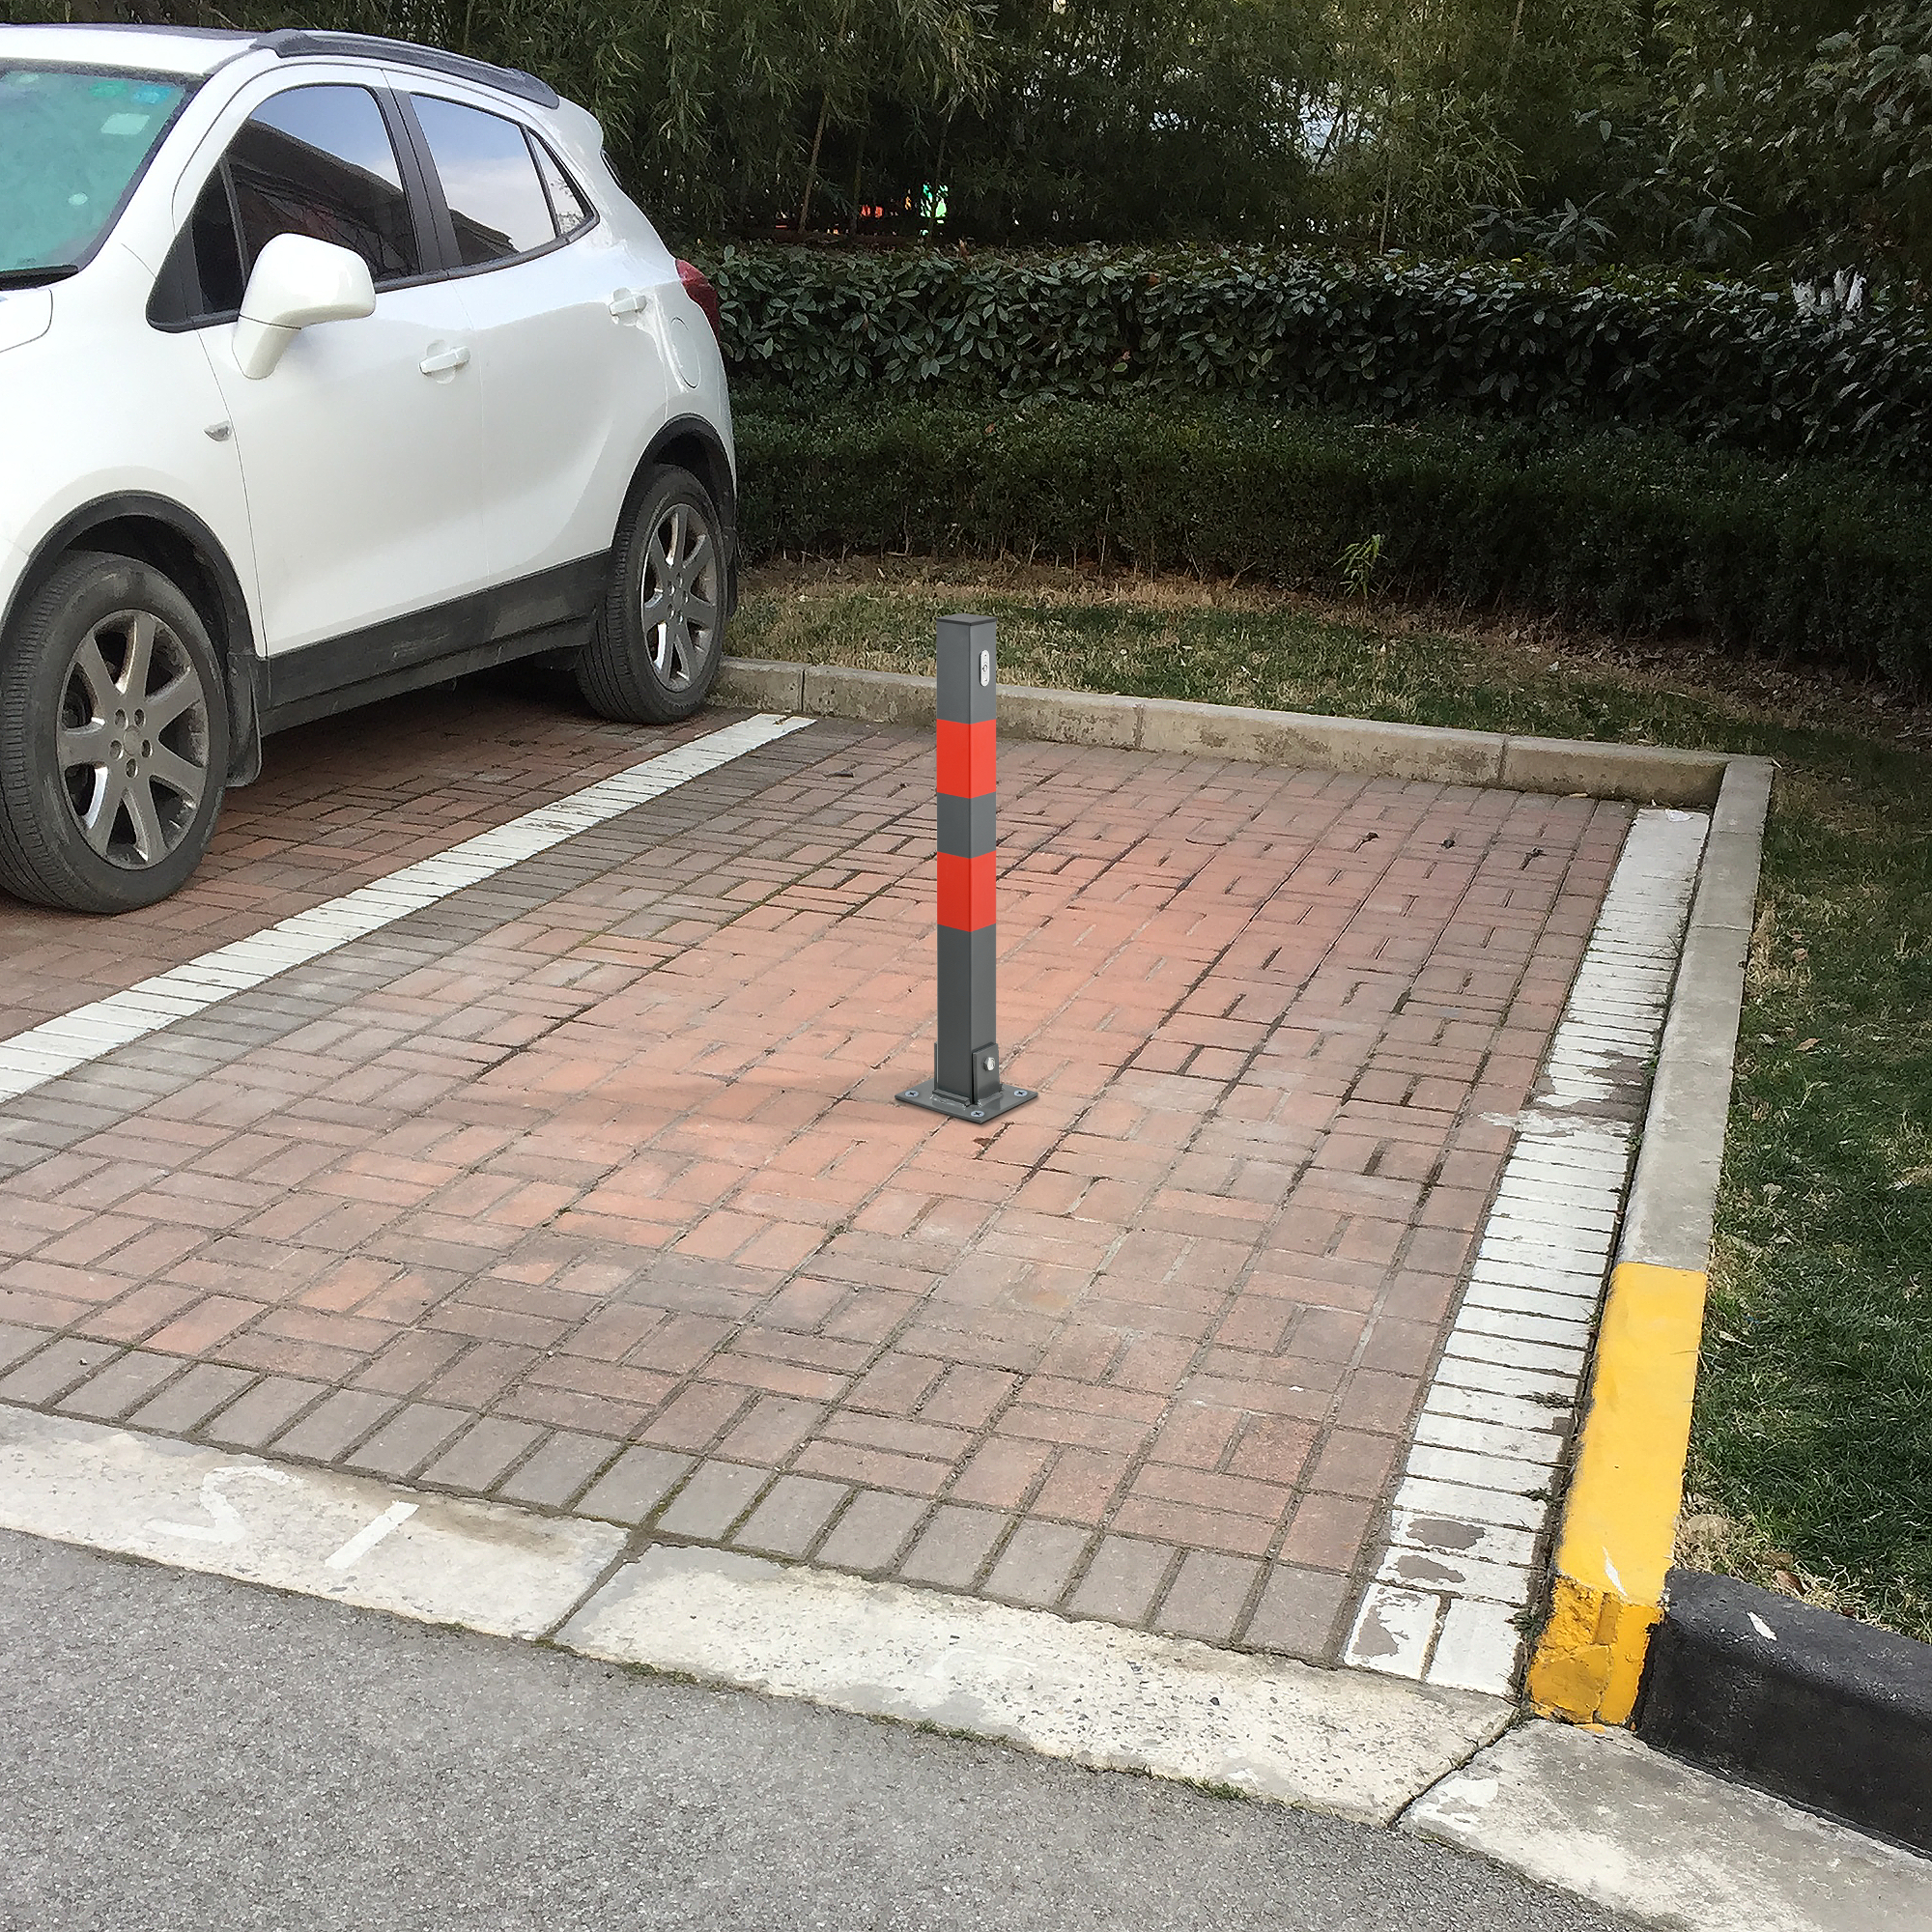 neu.haus]® parkplatzpfosten klappbar poller parkplatzsperre